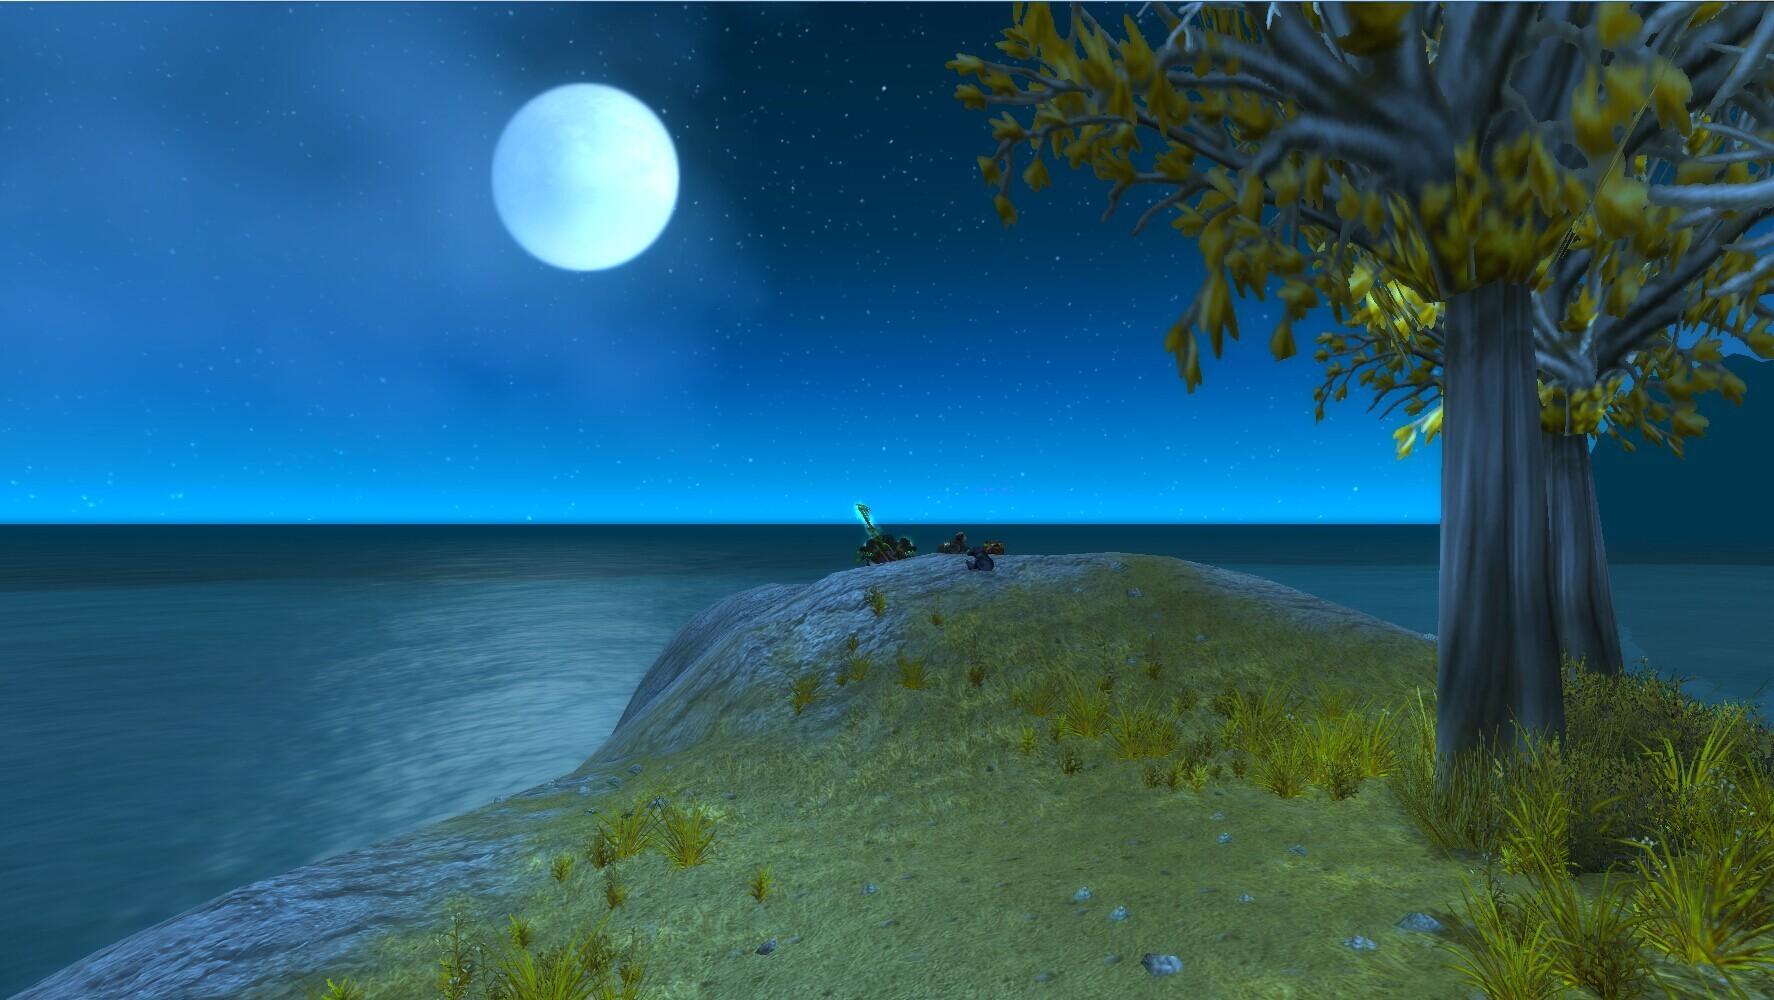 盘点魔兽世界十种最美的月光